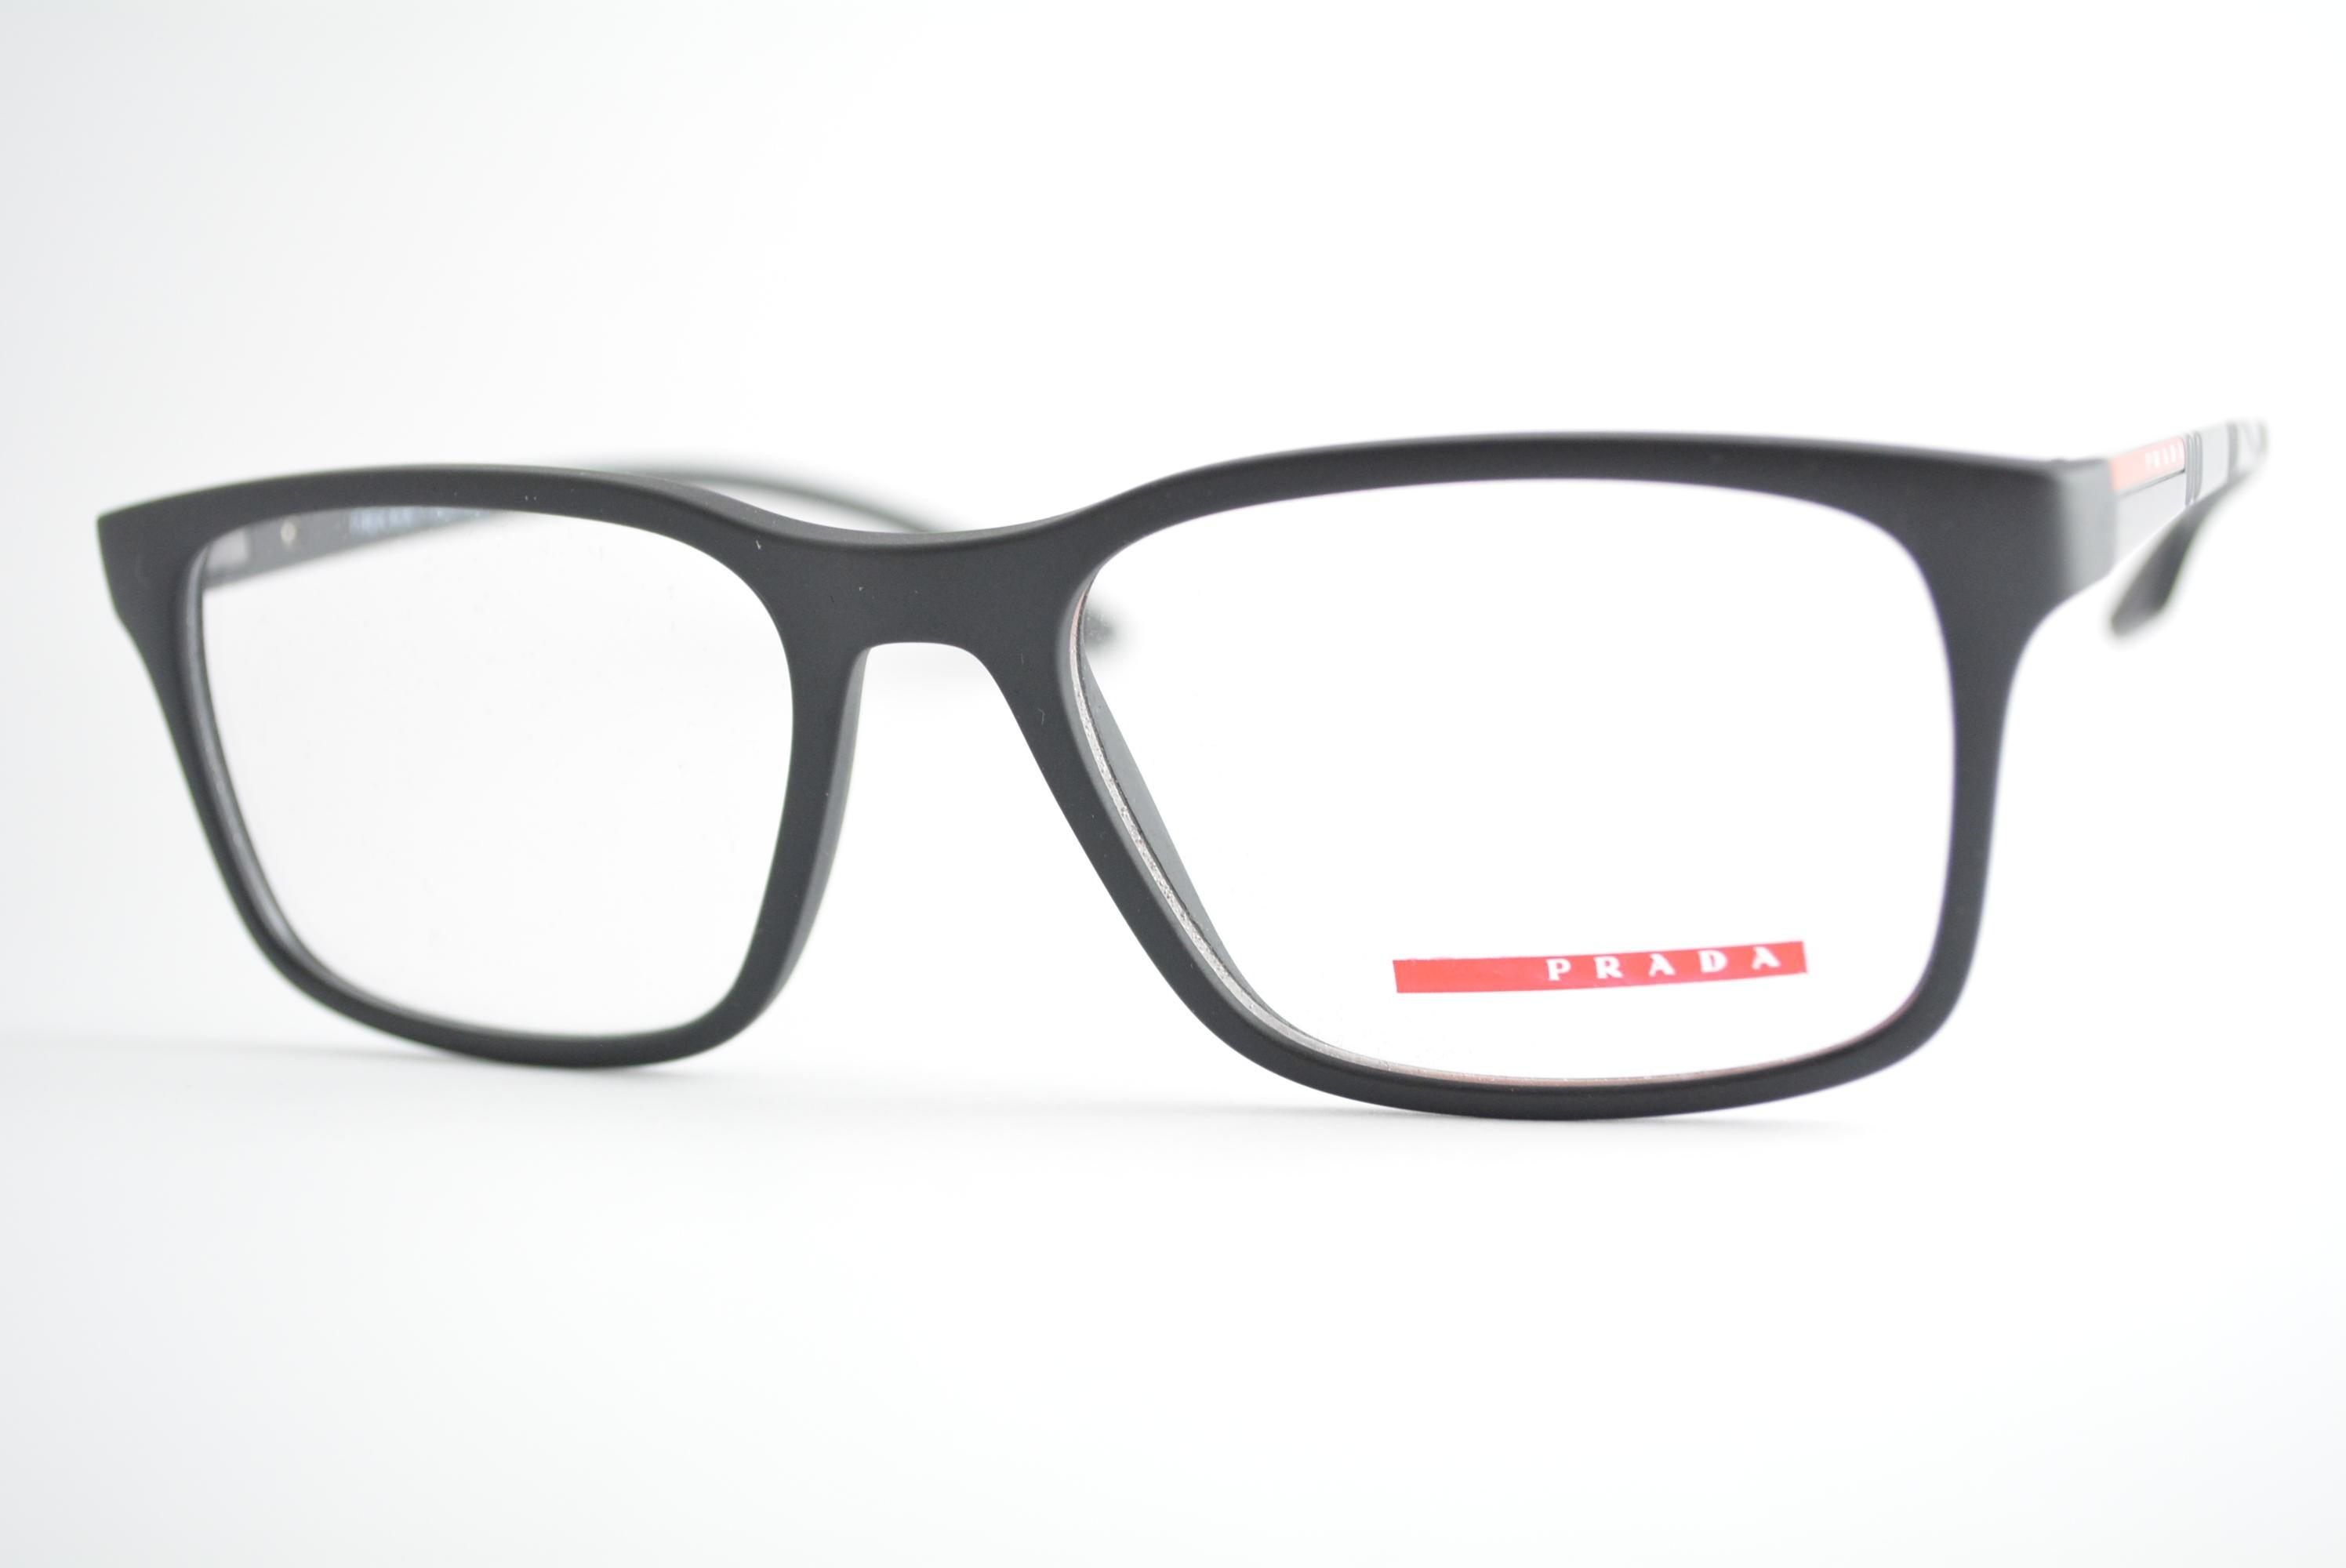 6cd5b1d0f3fda armação de óculos Prada Linea Rossa mod vps01L 1BO-1O1 Ótica Cardoso